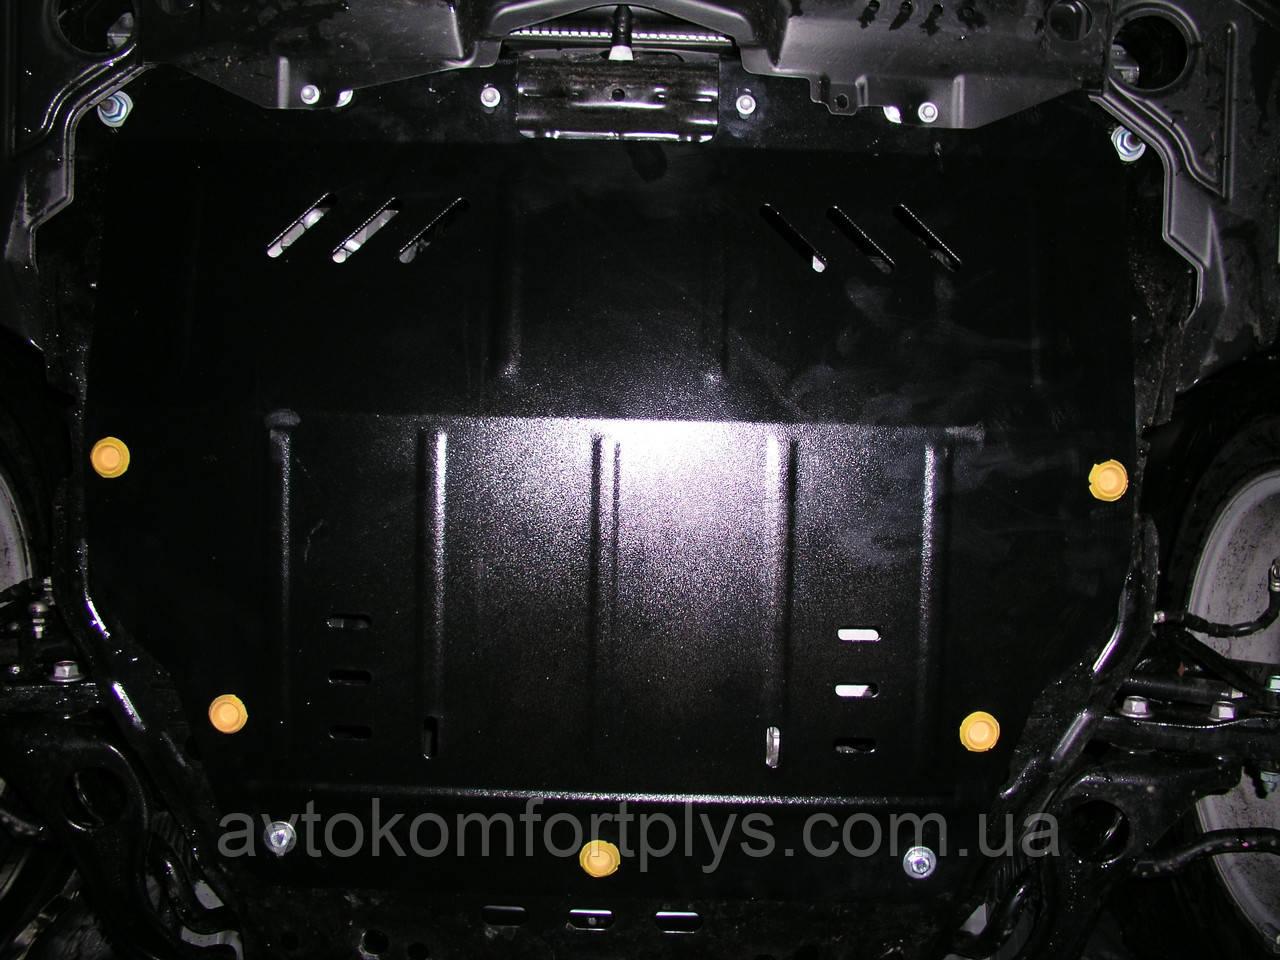 Металлическая (стальная) защита двигателя (картера) Mazda 6 (2008-2012) (V-1,8; 2,0; 2,5)